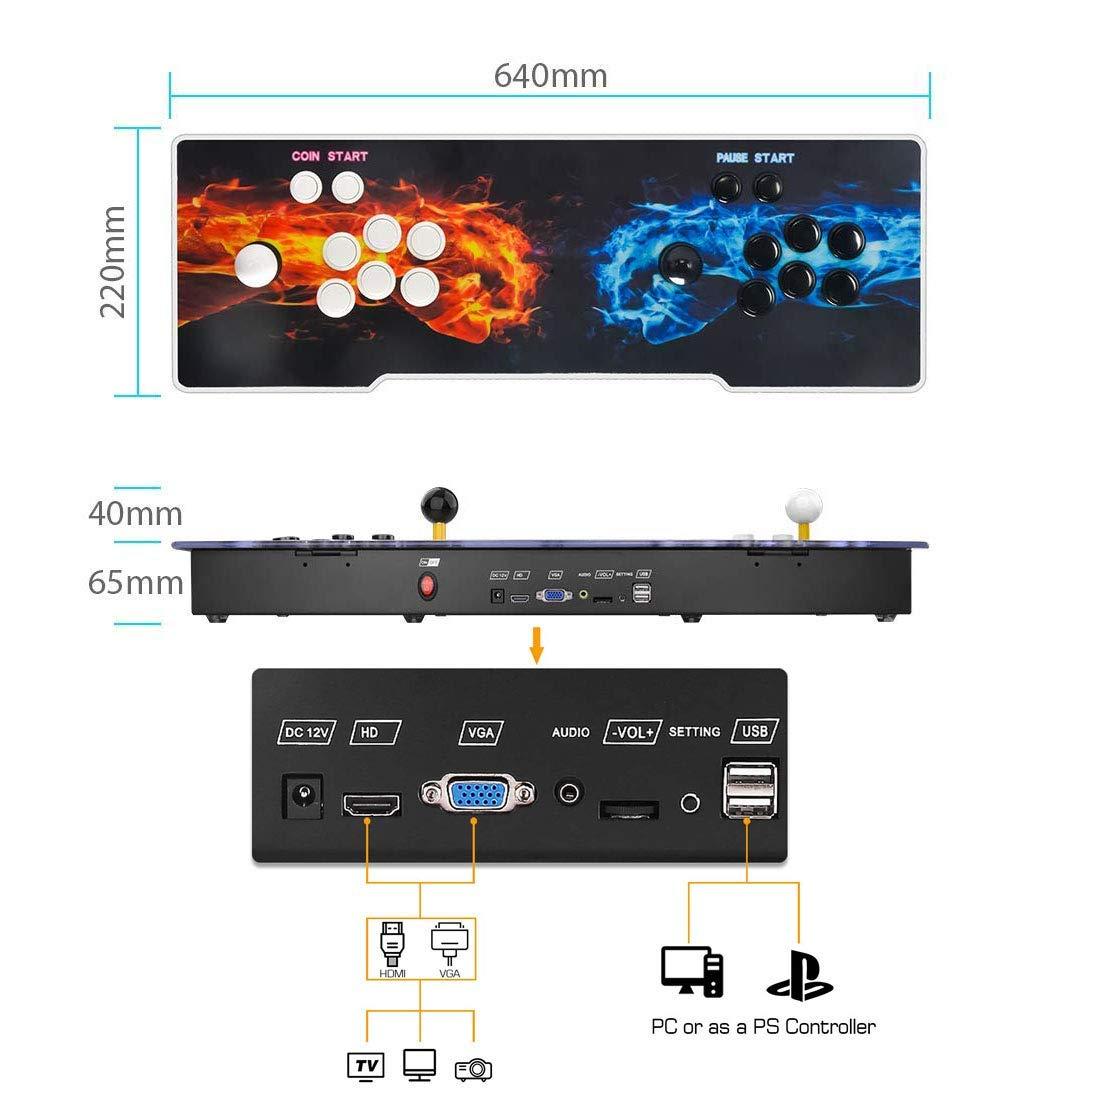 MEANSMORE Arcade Games Machines Pandora Box 11 Joystick y botones multijugador Arcade Console, 3003 Videojuegos retro clásicos Todo en uno, CPU avanzada, Compatible con HDMI y VGA: Amazon.es: Hogar